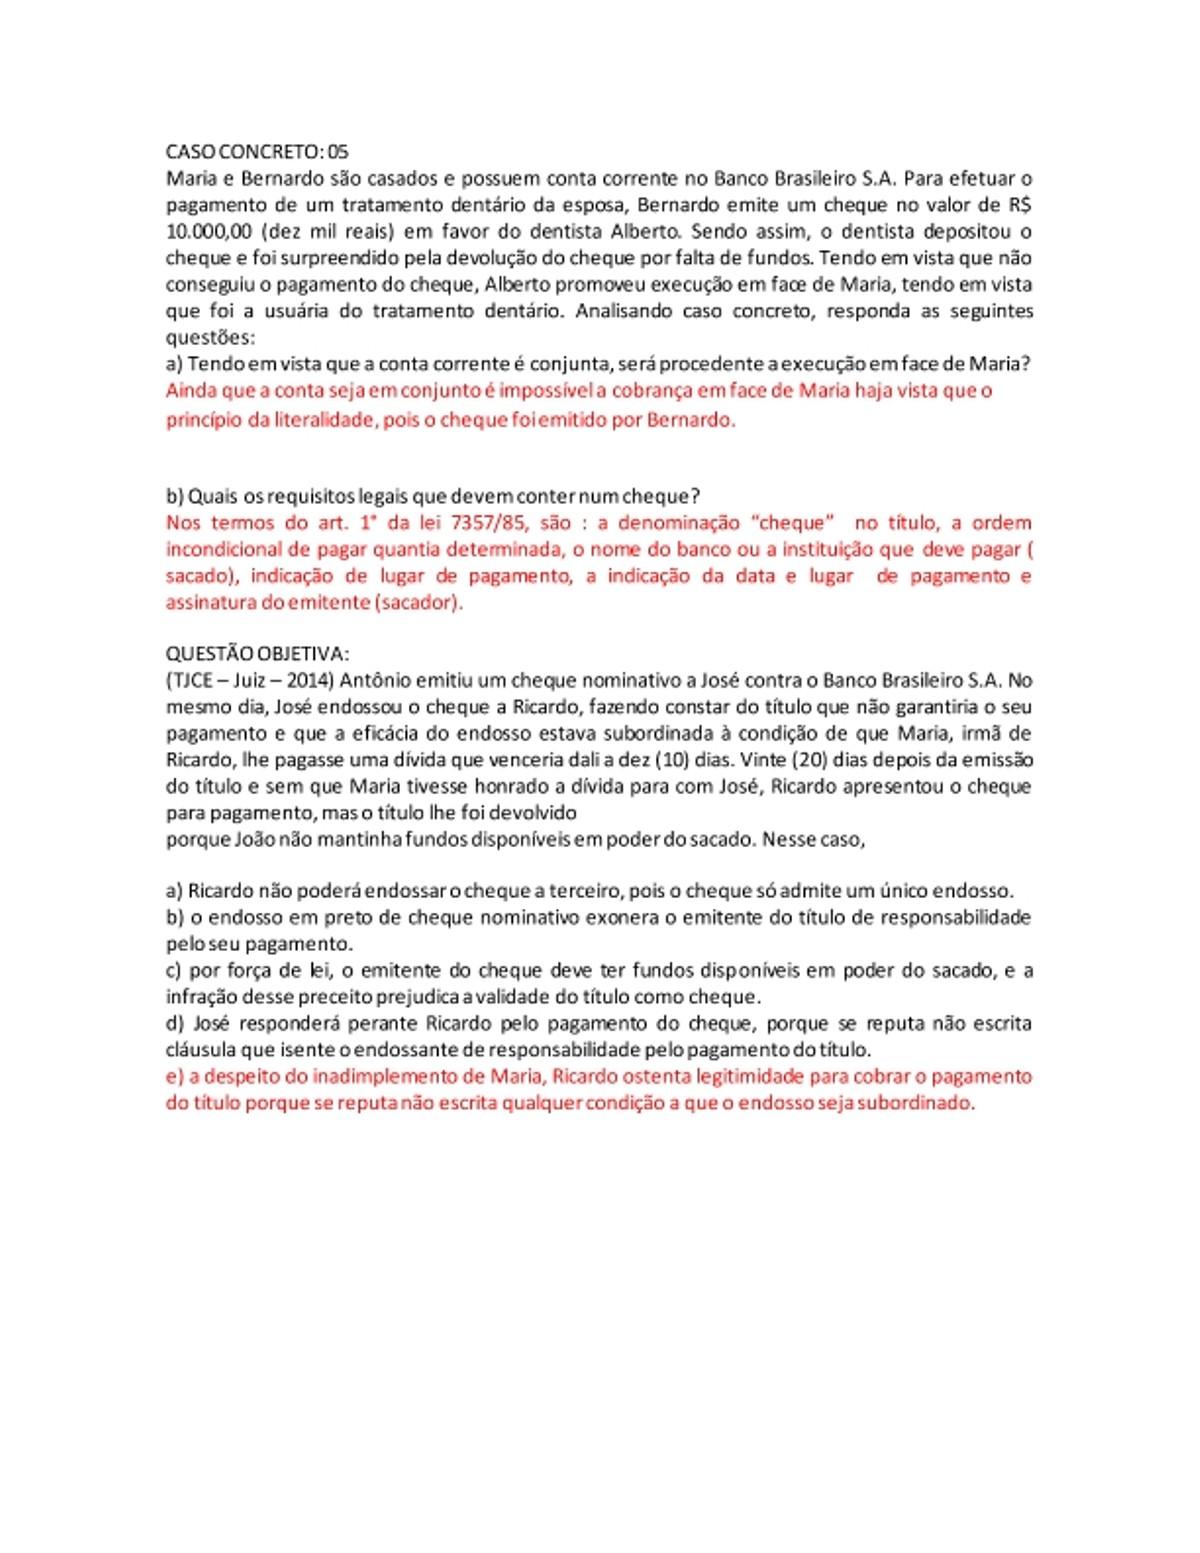 Pre-visualização do material CASO 05 - página 1